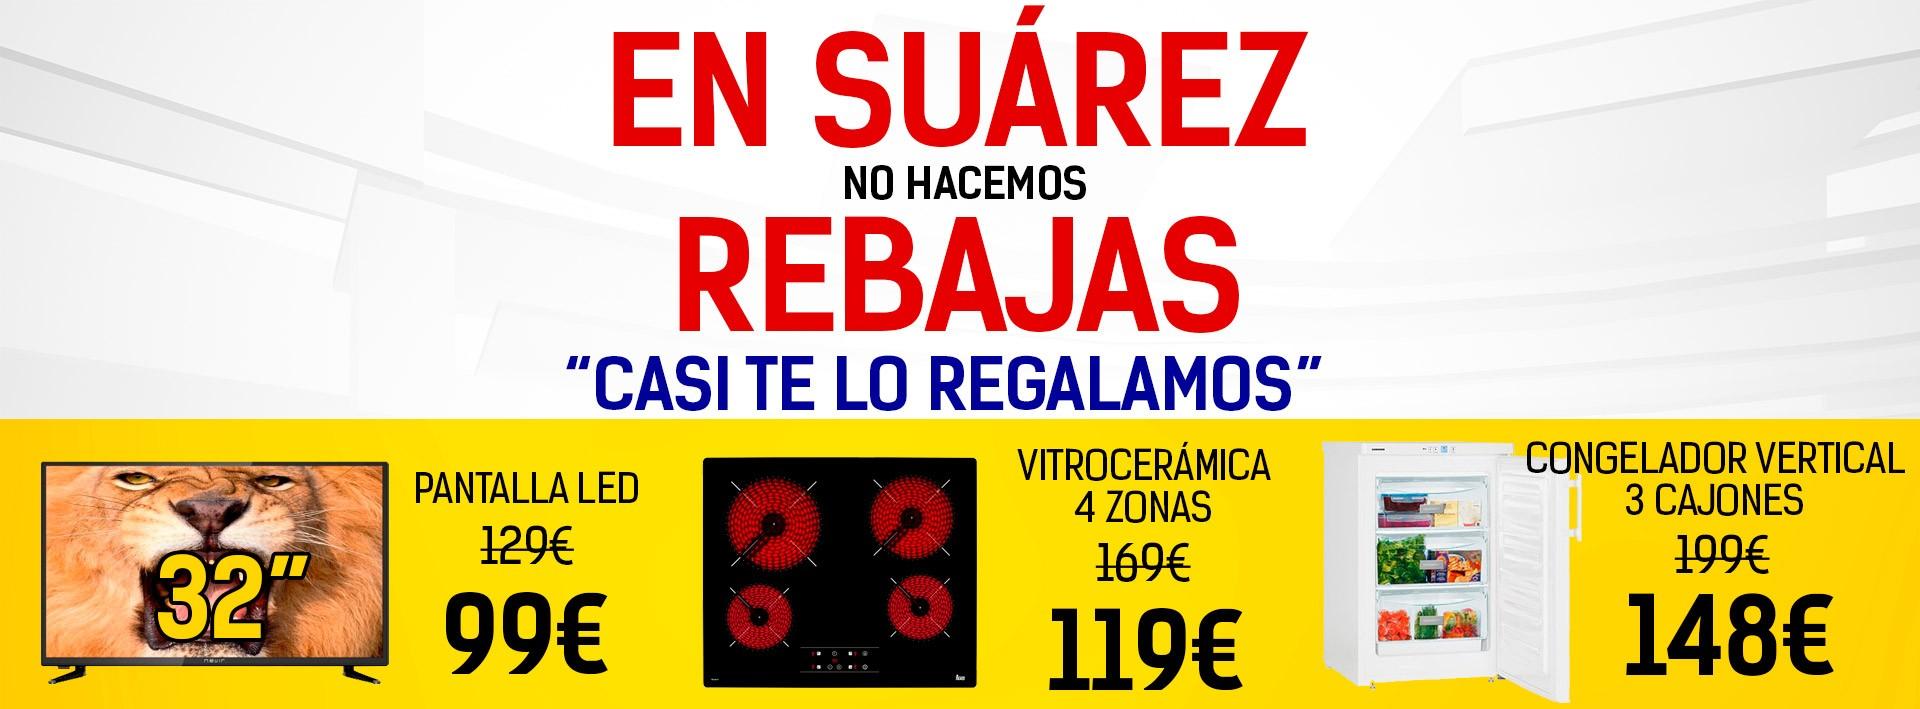 slide_rebajas